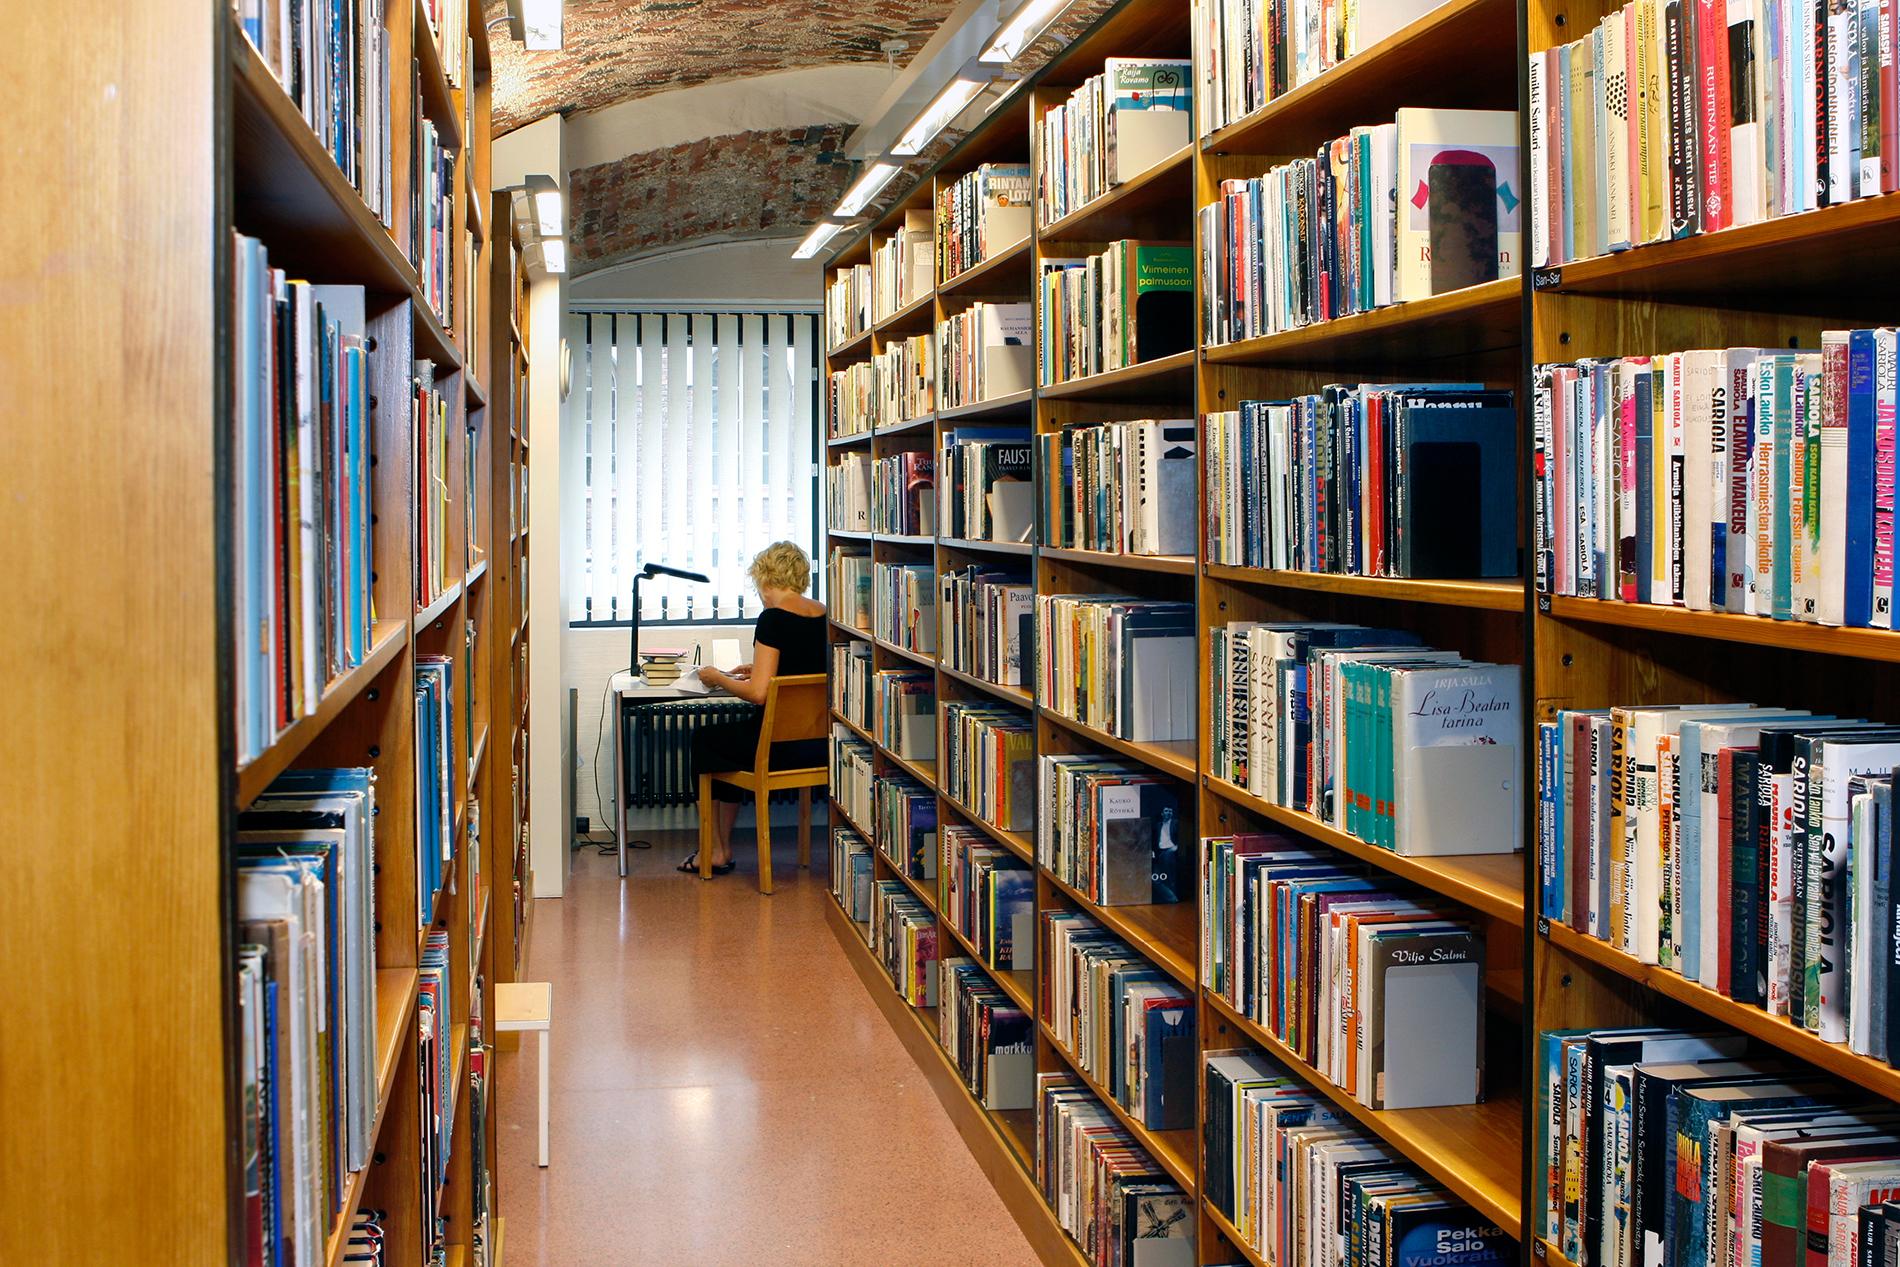 Kirjaston avokokoelmatiloissa on lukupaikkoja, asiakaskoneita ja langaton verkko. SKS. Kuvaaja: Reijo Piispanen.